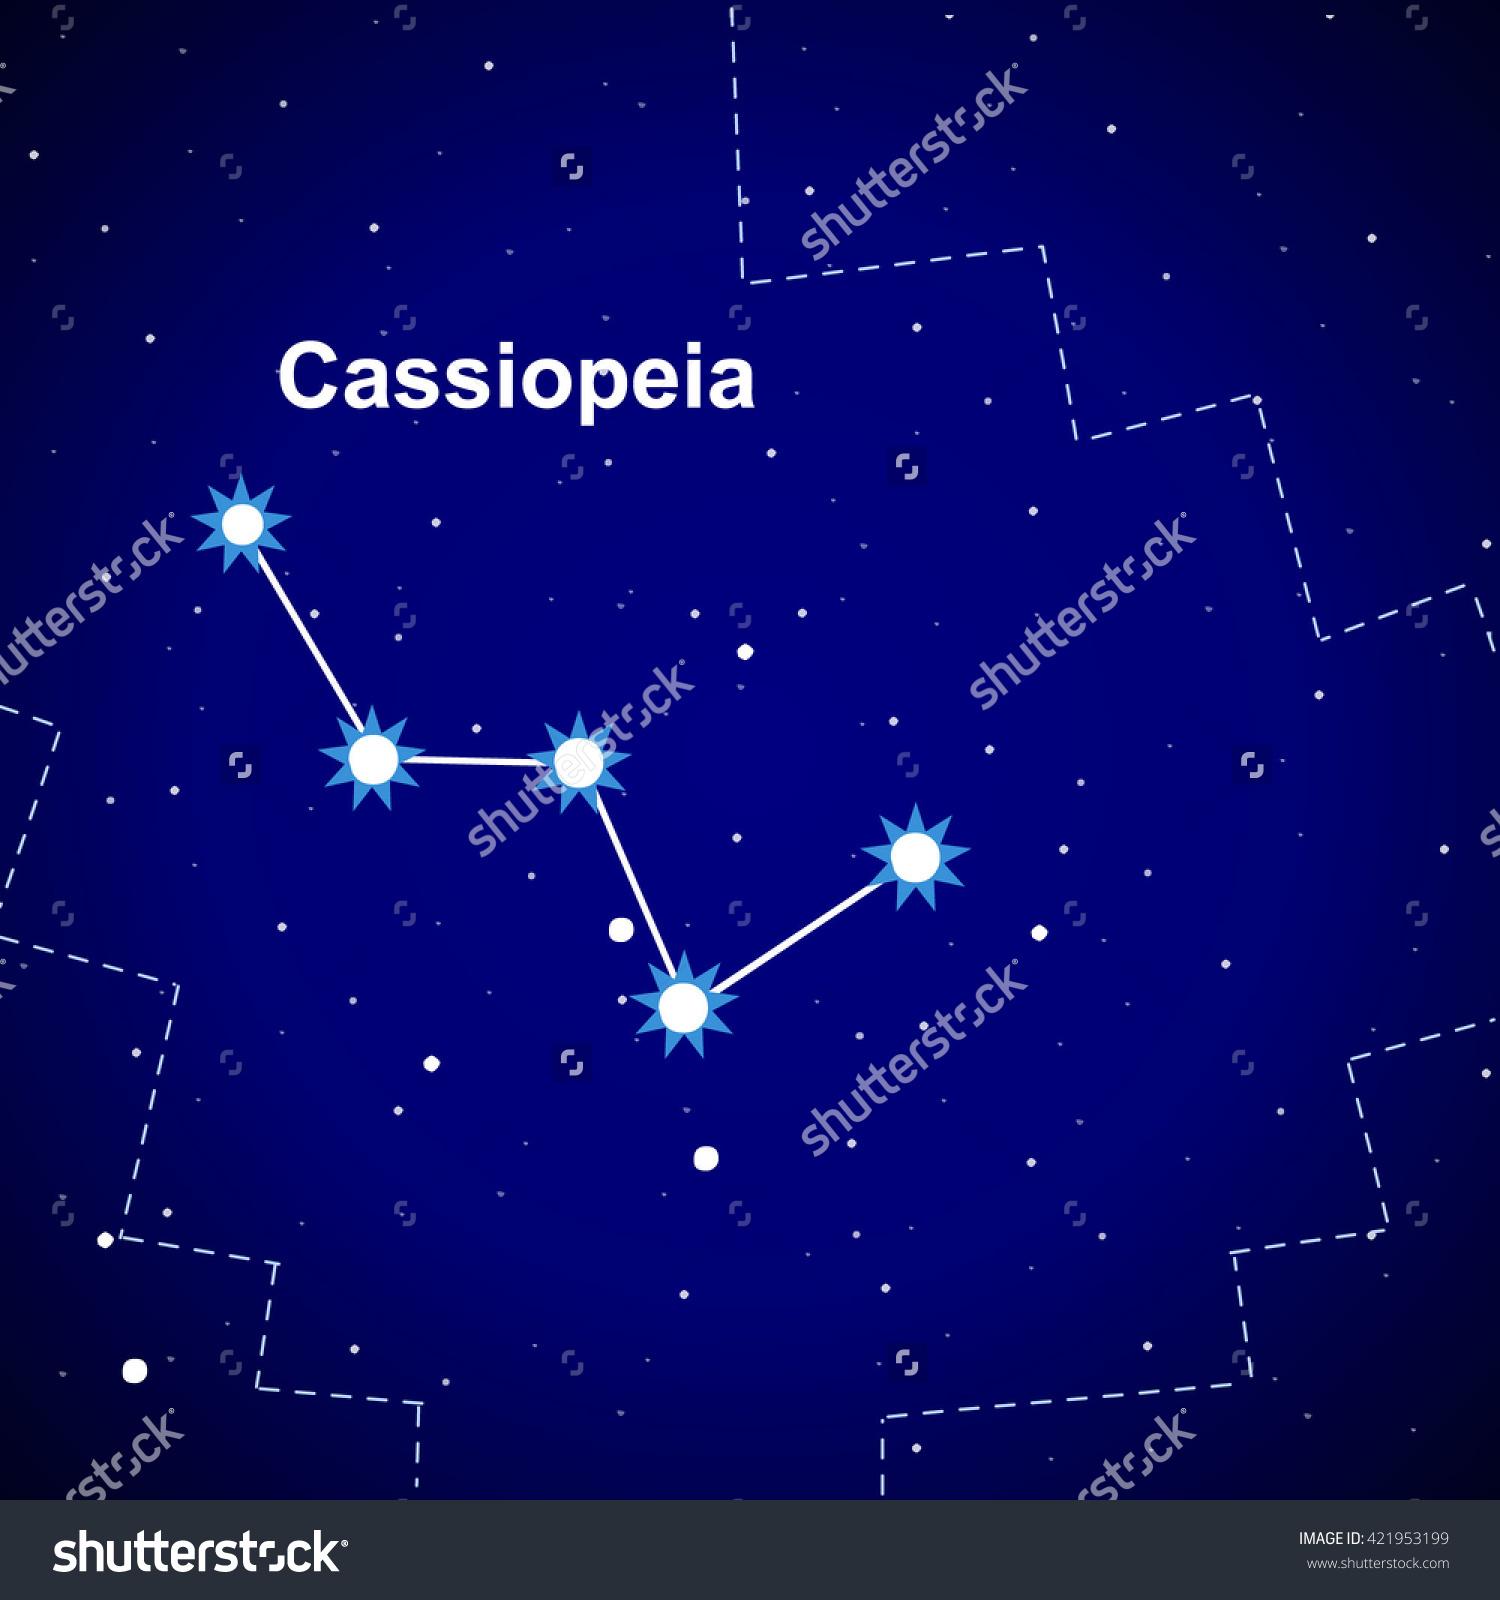 сказка о созвездиях кассиопея